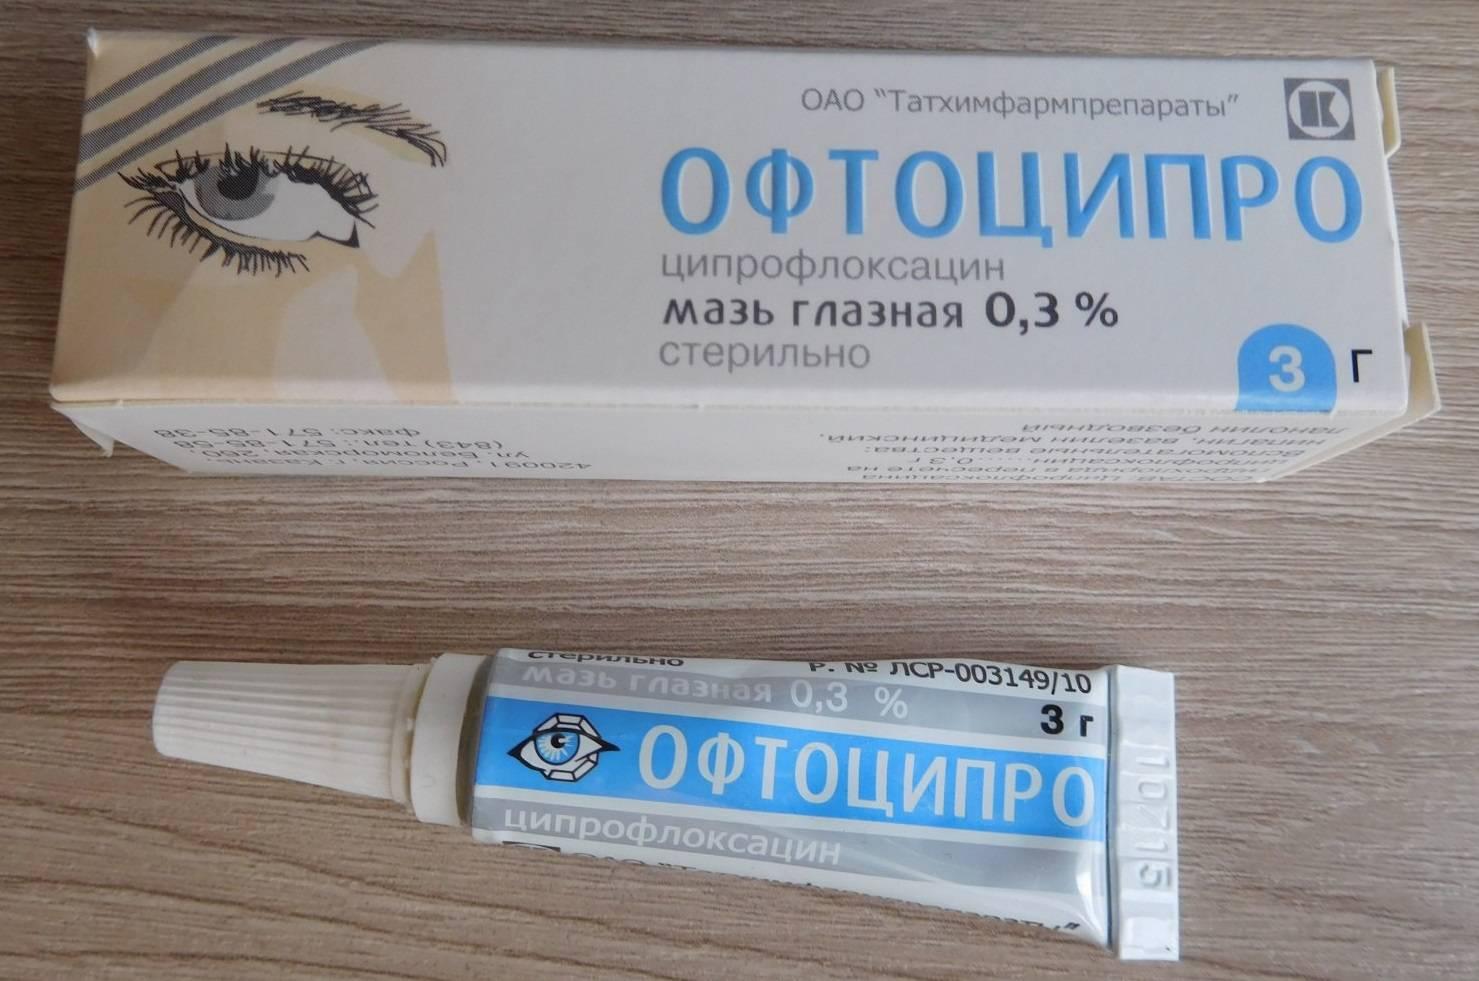 Офтоципро - глазная мазь и капли, инструкция по применению, аналоги, отзывы